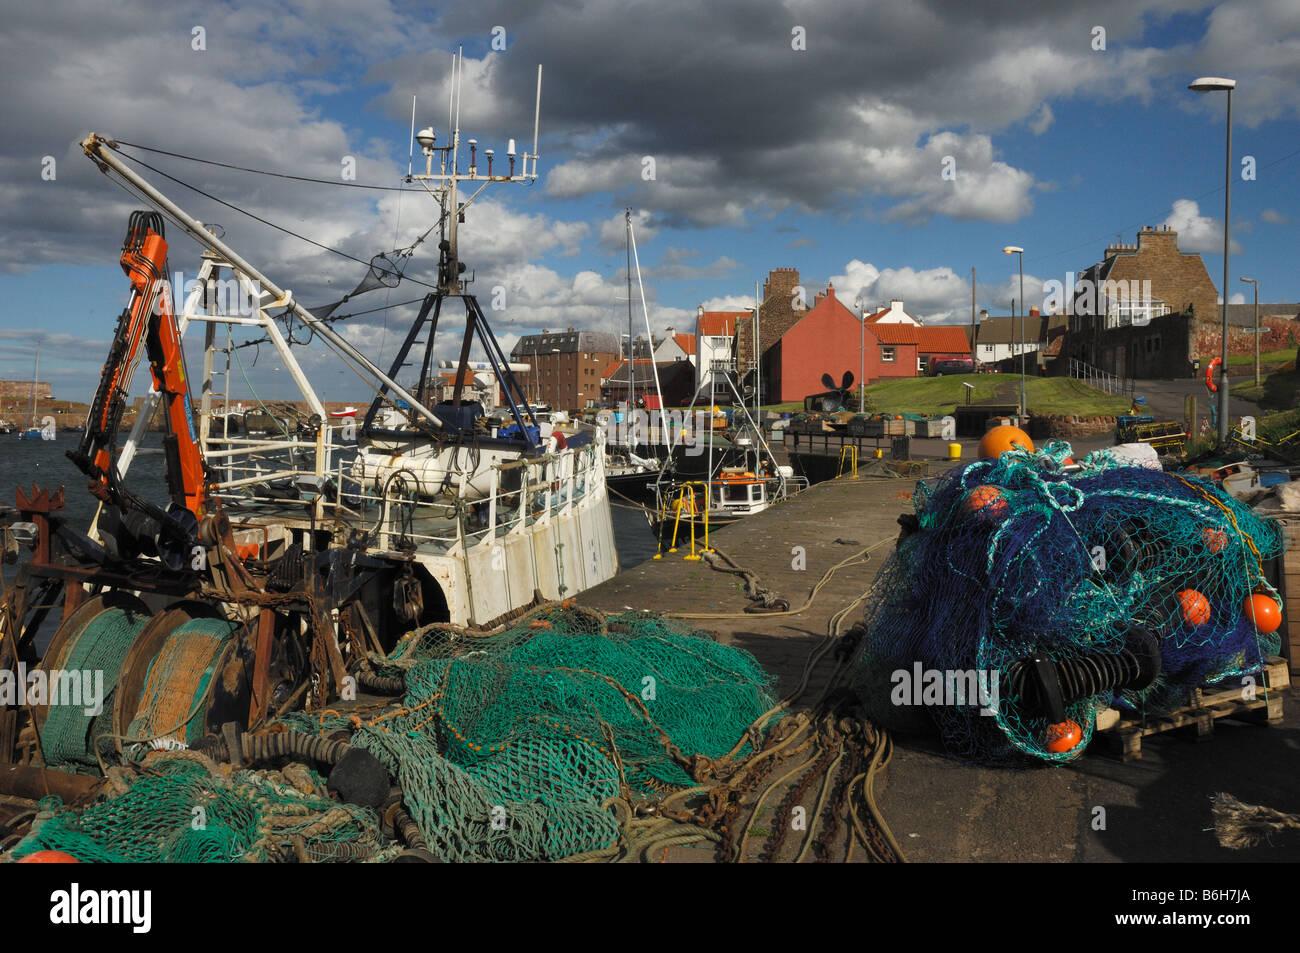 Porto Dumbar nuvole del cielo la pesca porto cielo nubi pescherecci barche barca barca Edimburgo Edimburgo Dumbar Immagini Stock